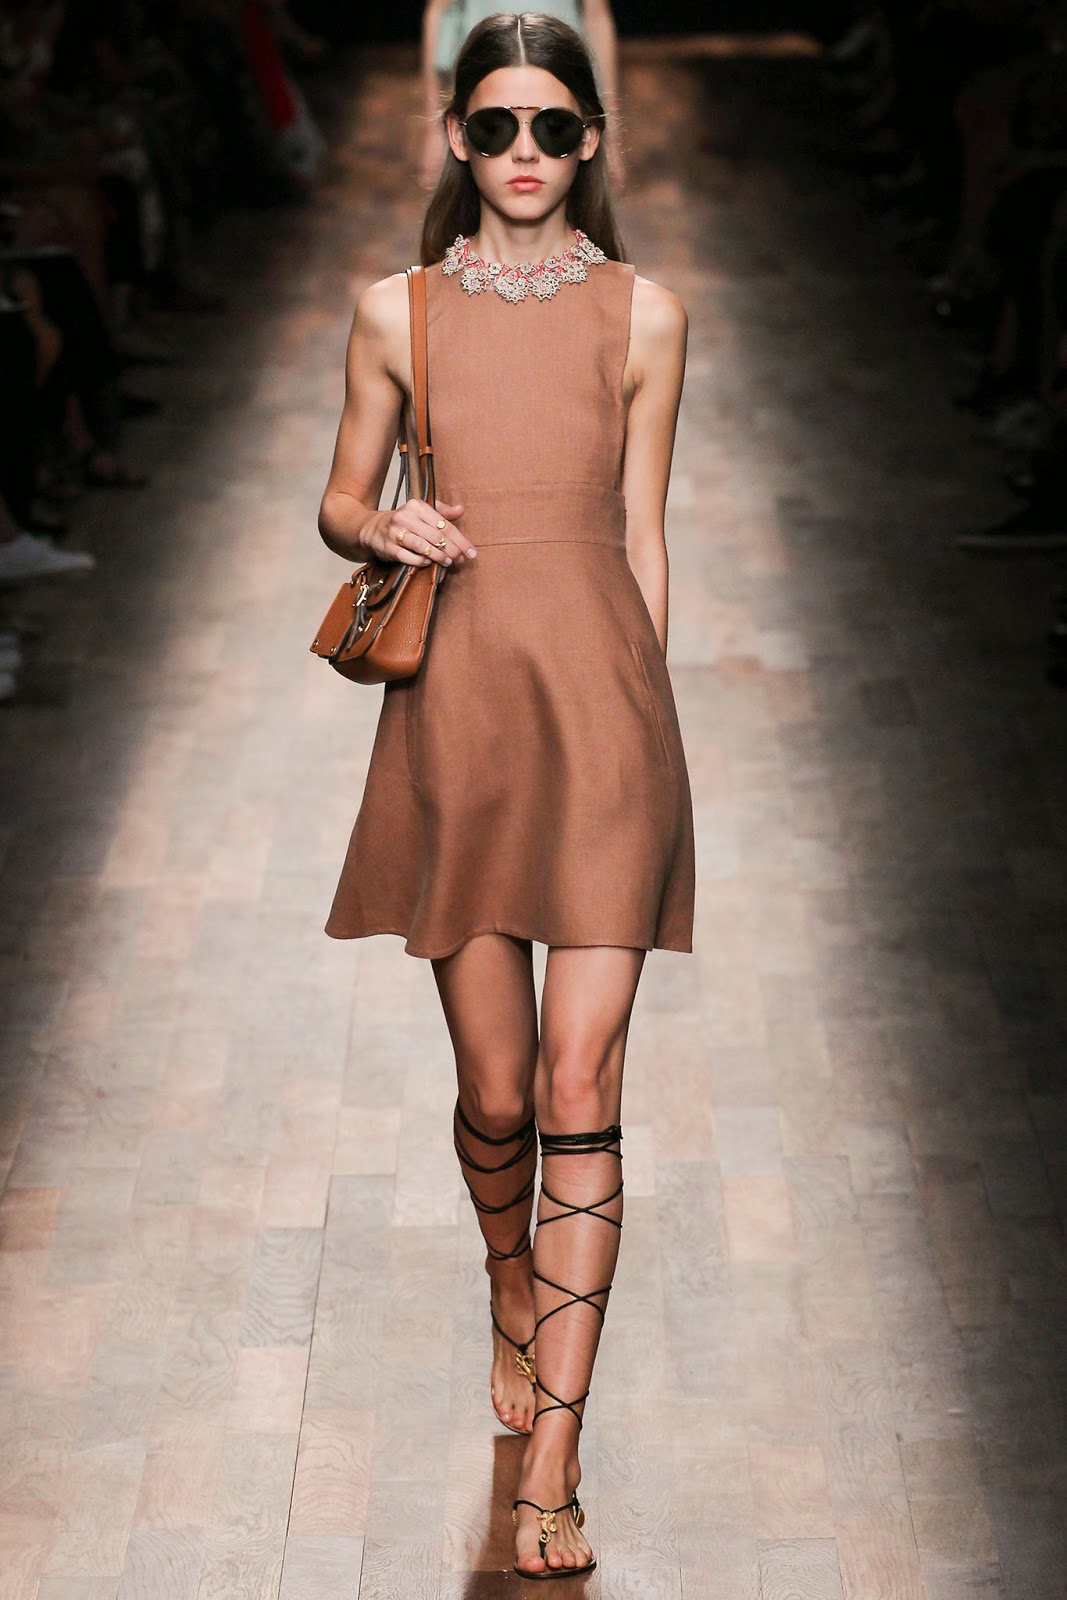 valentino 2015 summer 2016 trend women dress8 Valentino 2015 samling, våren sommaren 2016 Valentino klänning modeller, Valentino kväll klänning nya säsongen kvinnors kjolar modeller